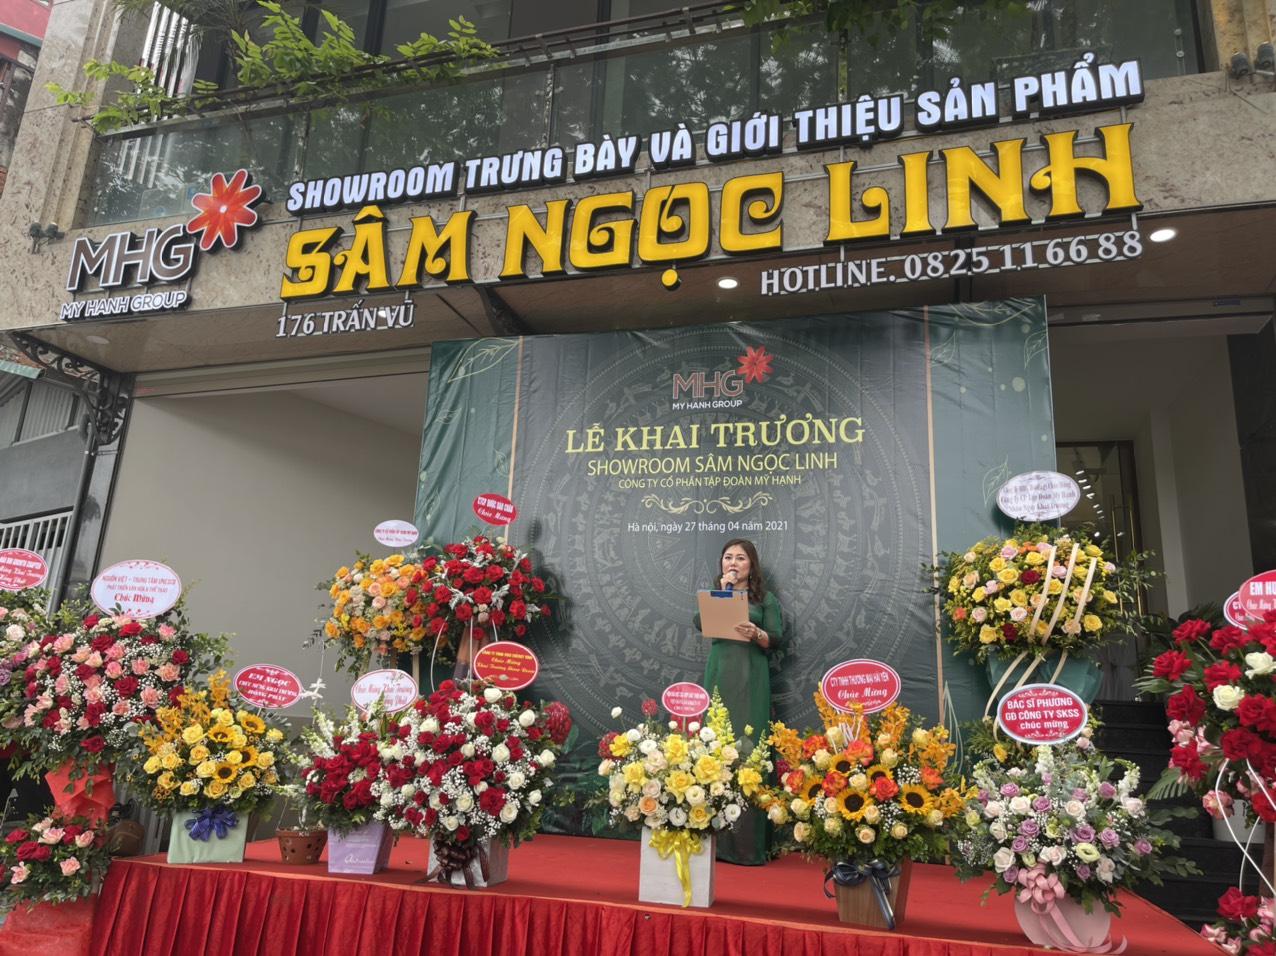 Công ty Cổ phần Tập đoàn Mỹ Hạnh( MHG) khai trương showroom Sâm Ngọc Linh thứ 14 tại 176 Trấn Vũ - Ba Đình - Hà Nội .